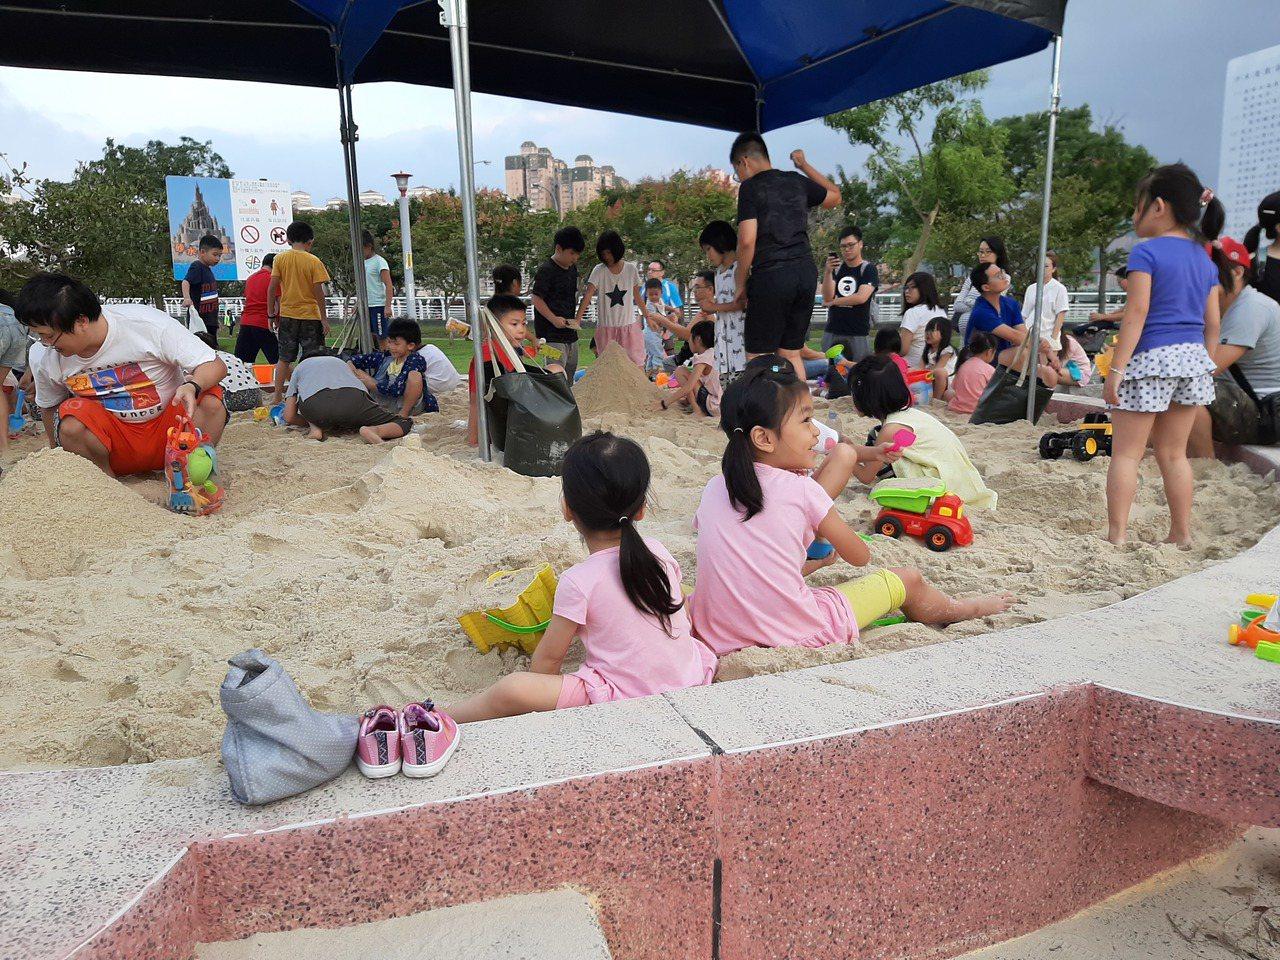 新店陽光運動公園新增向日葵造型沙坑,吸引不少親子同樂。圖/新北市高管處提供